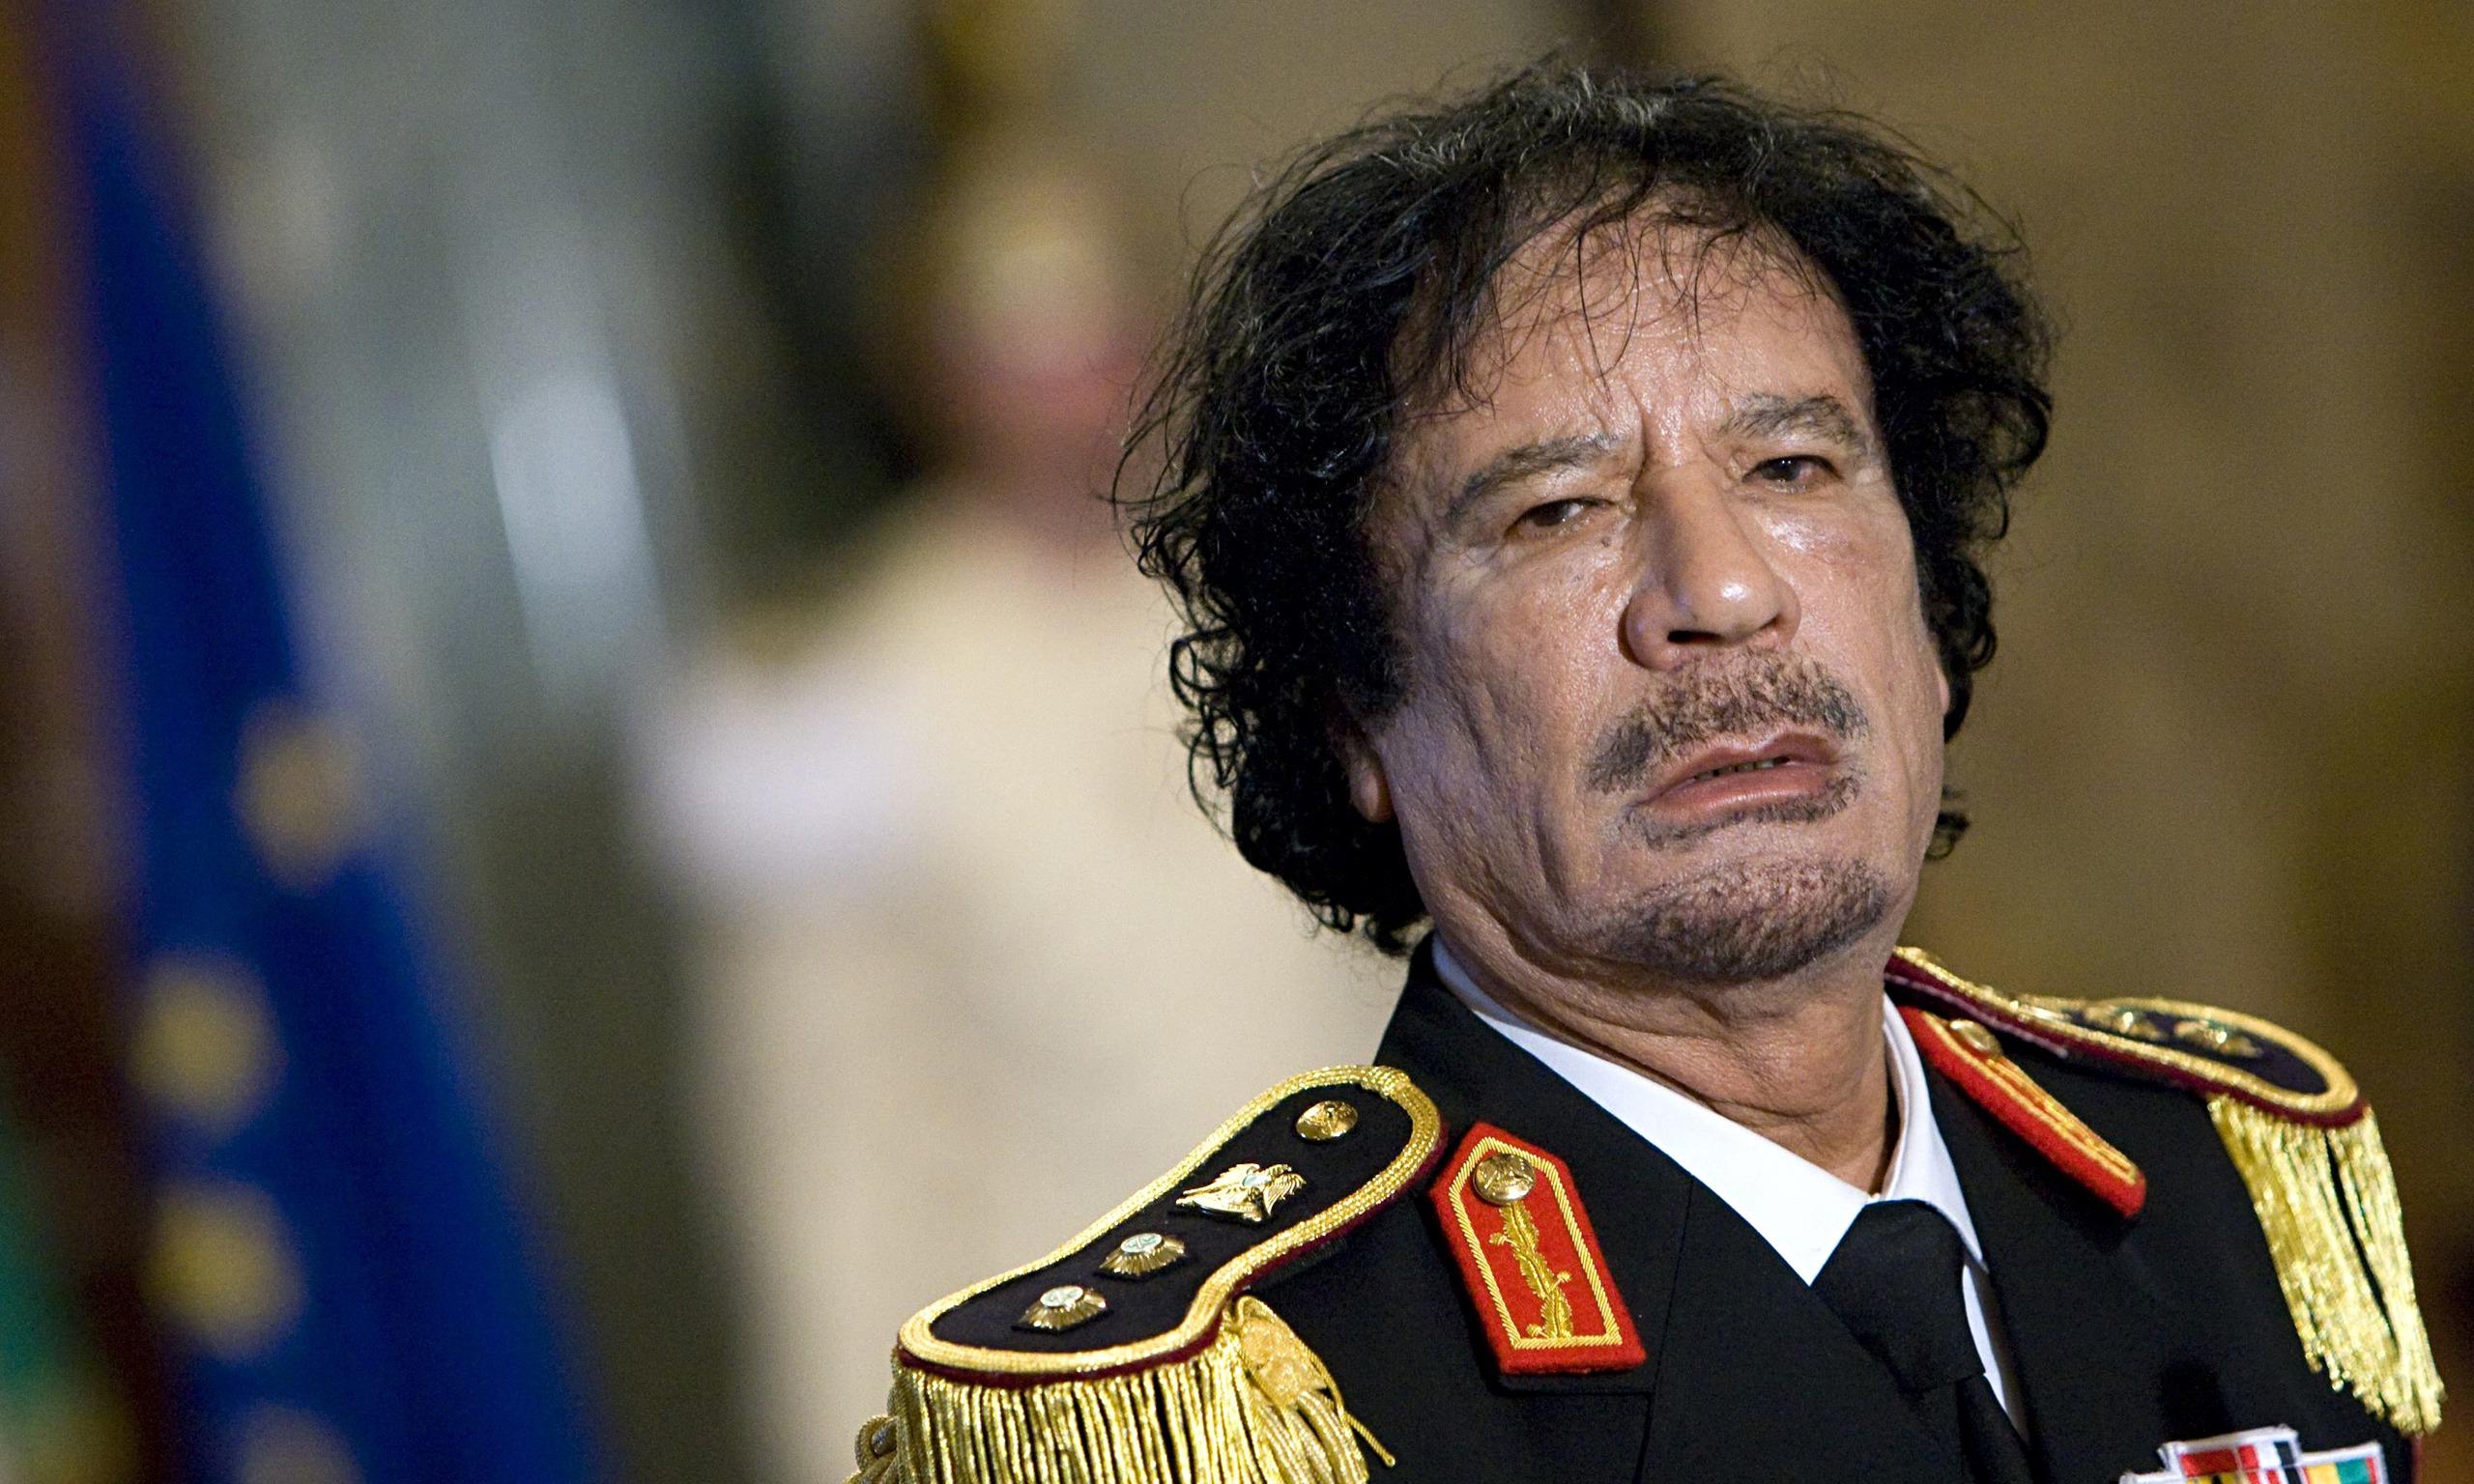 Işık: Kaddafi ile ilgili kimsenin bilmediği bir gerçek daha var!